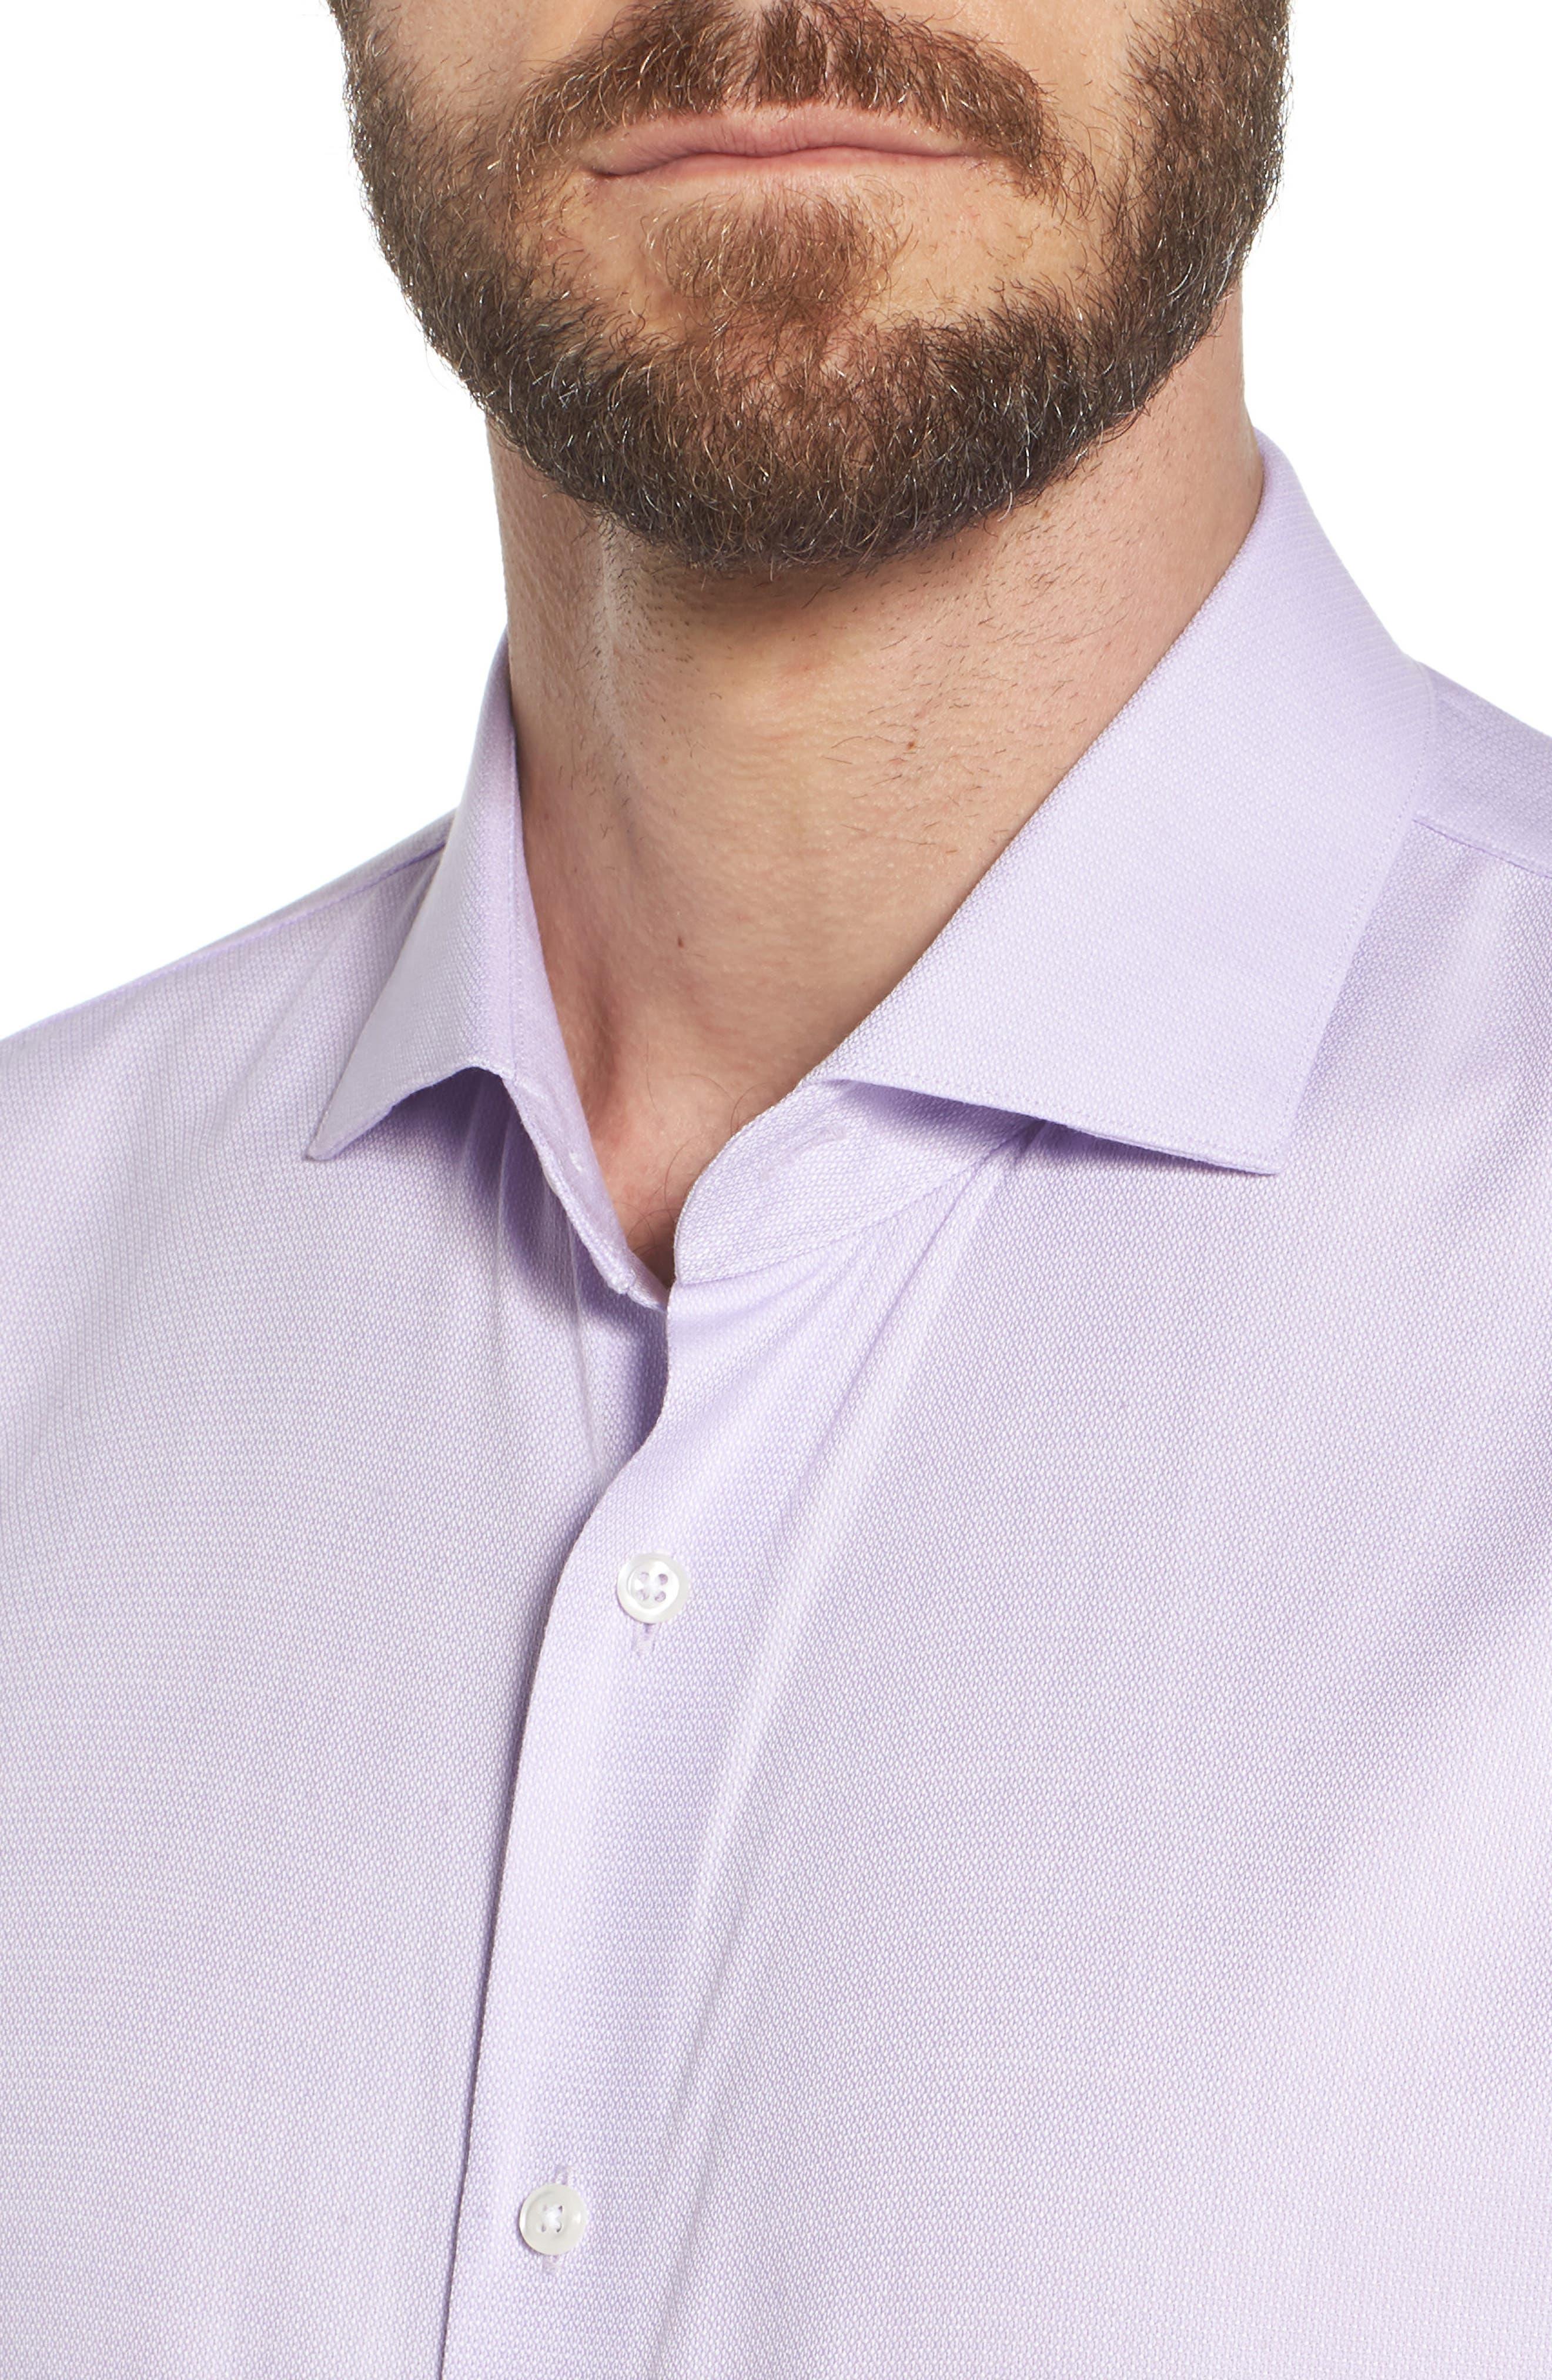 Trim Fit Solid Dress Shirt,                             Alternate thumbnail 6, color,